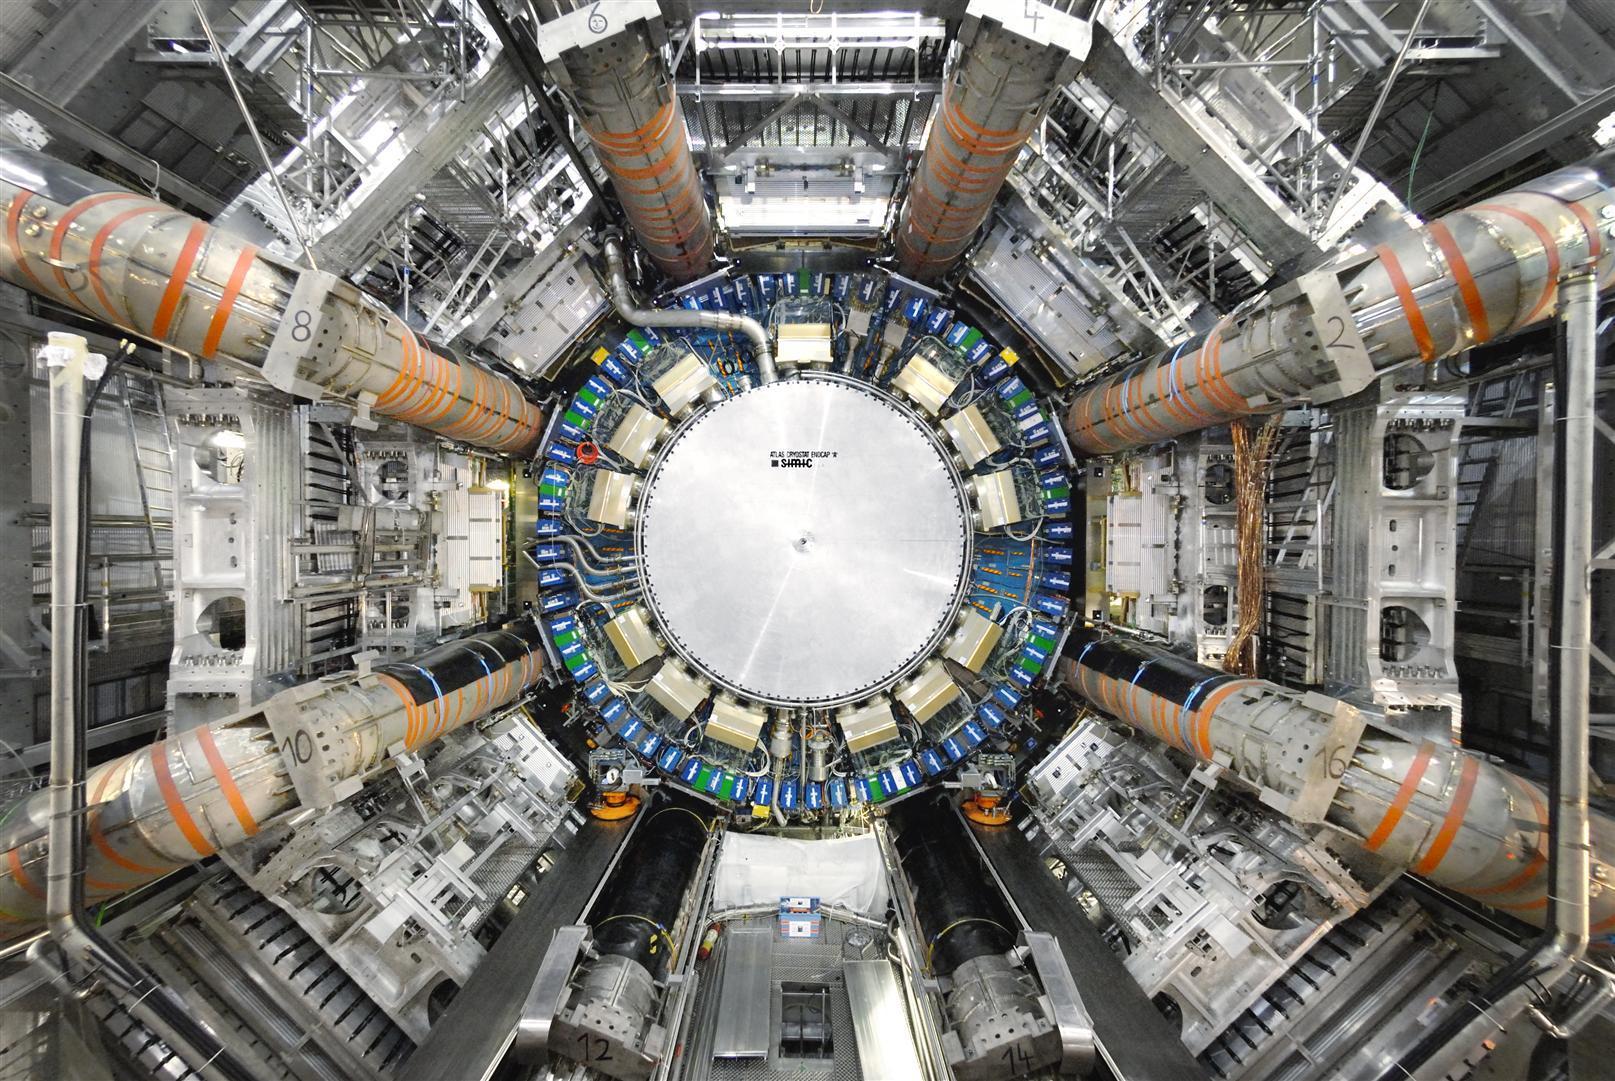 中国氦气崛起,BOG低温提氦装置,打破美国垄断的坚兵利器